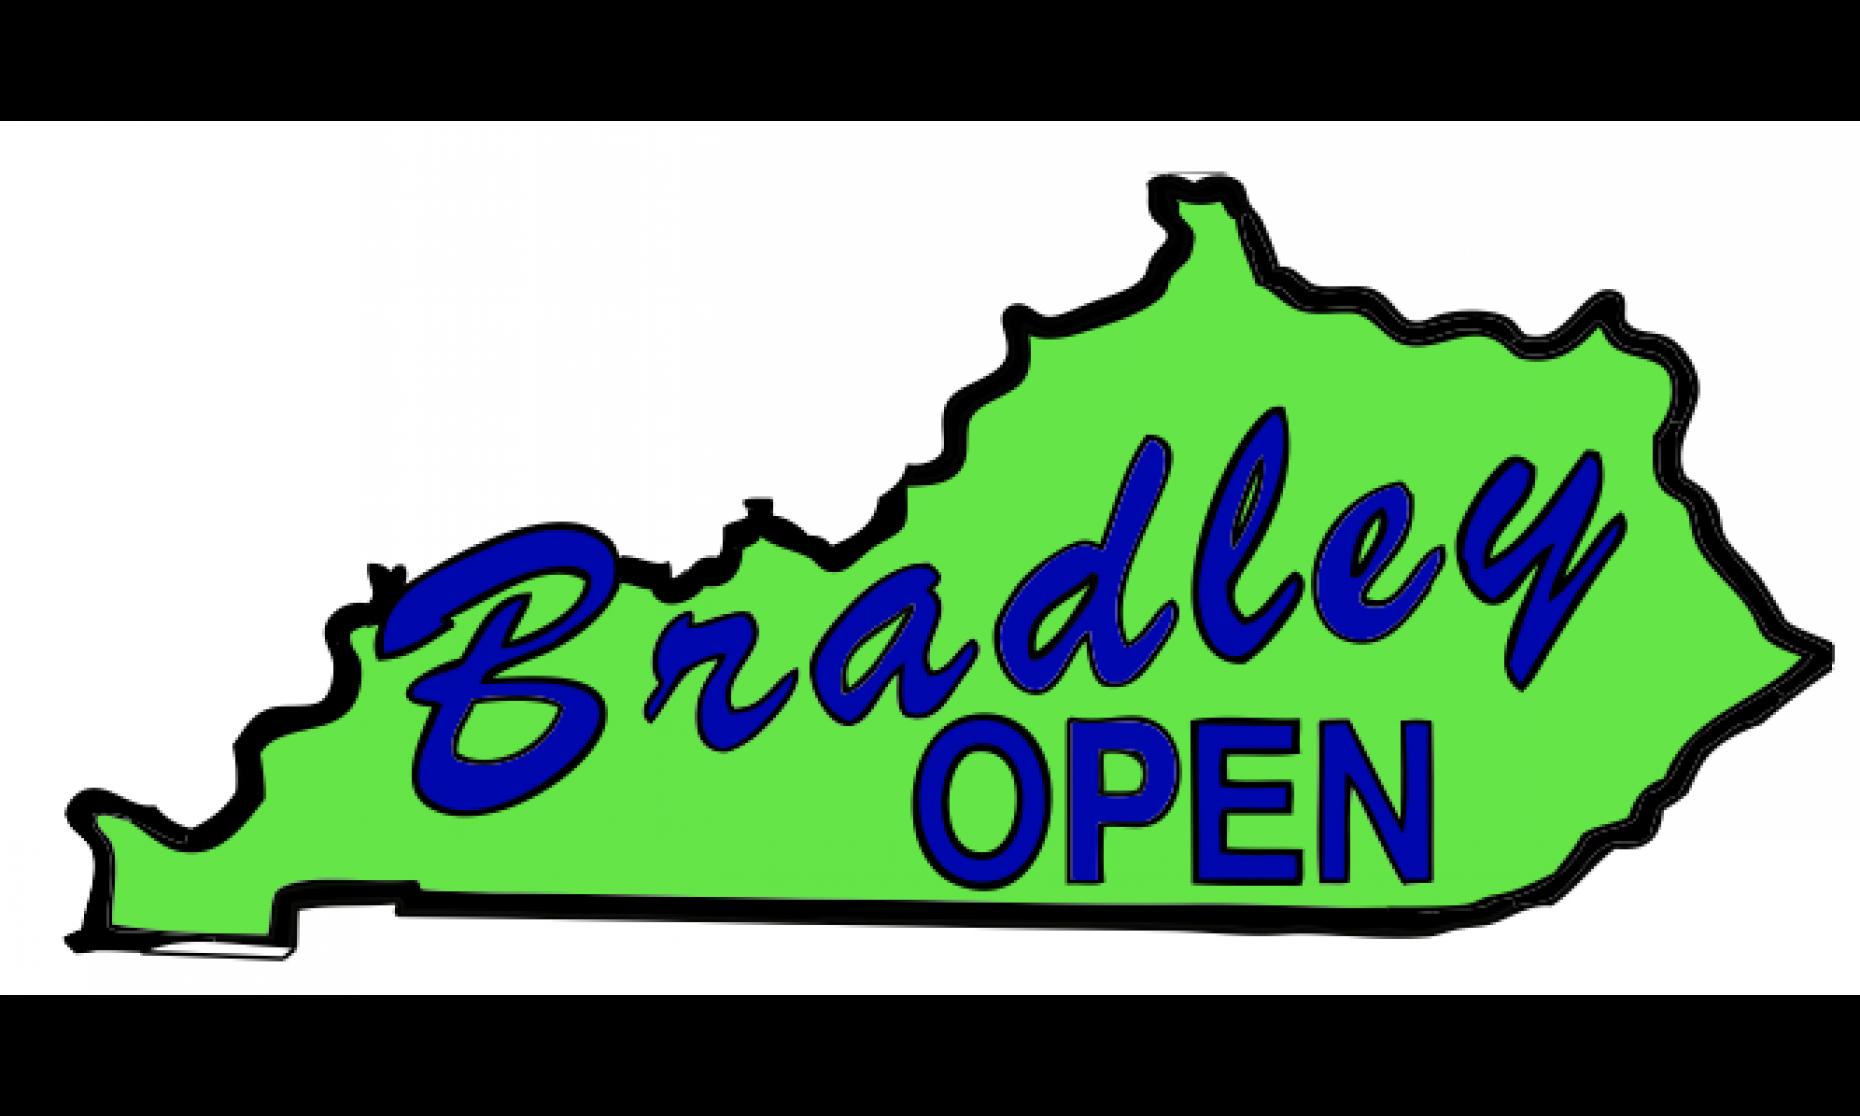 Bradley Open